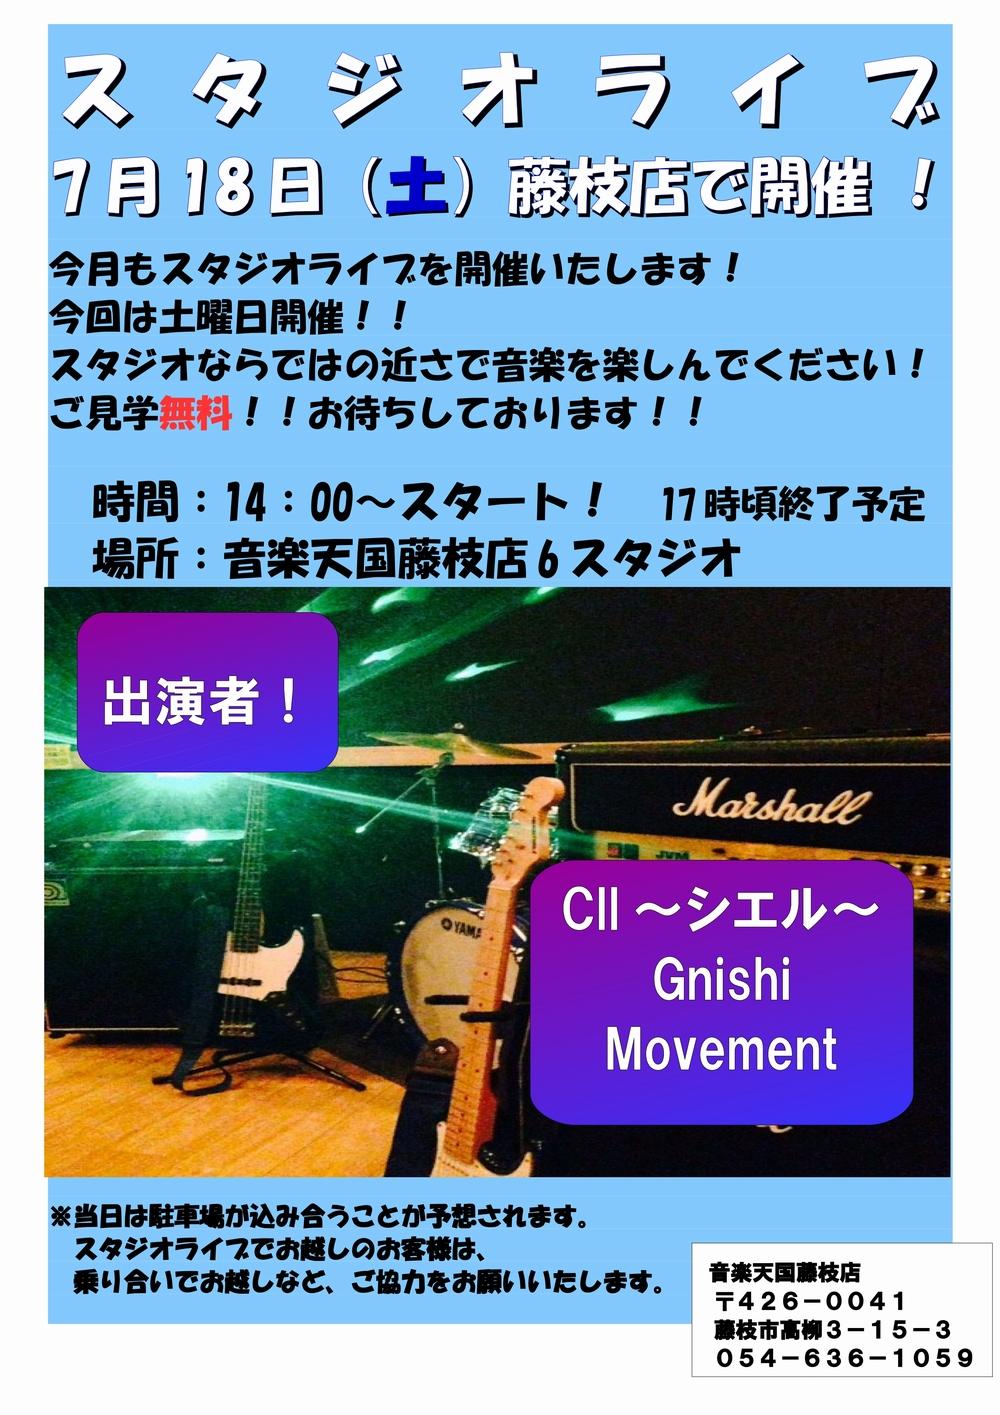 【スタジオライブ】音楽天国・藤枝店7月18日(土)開催!